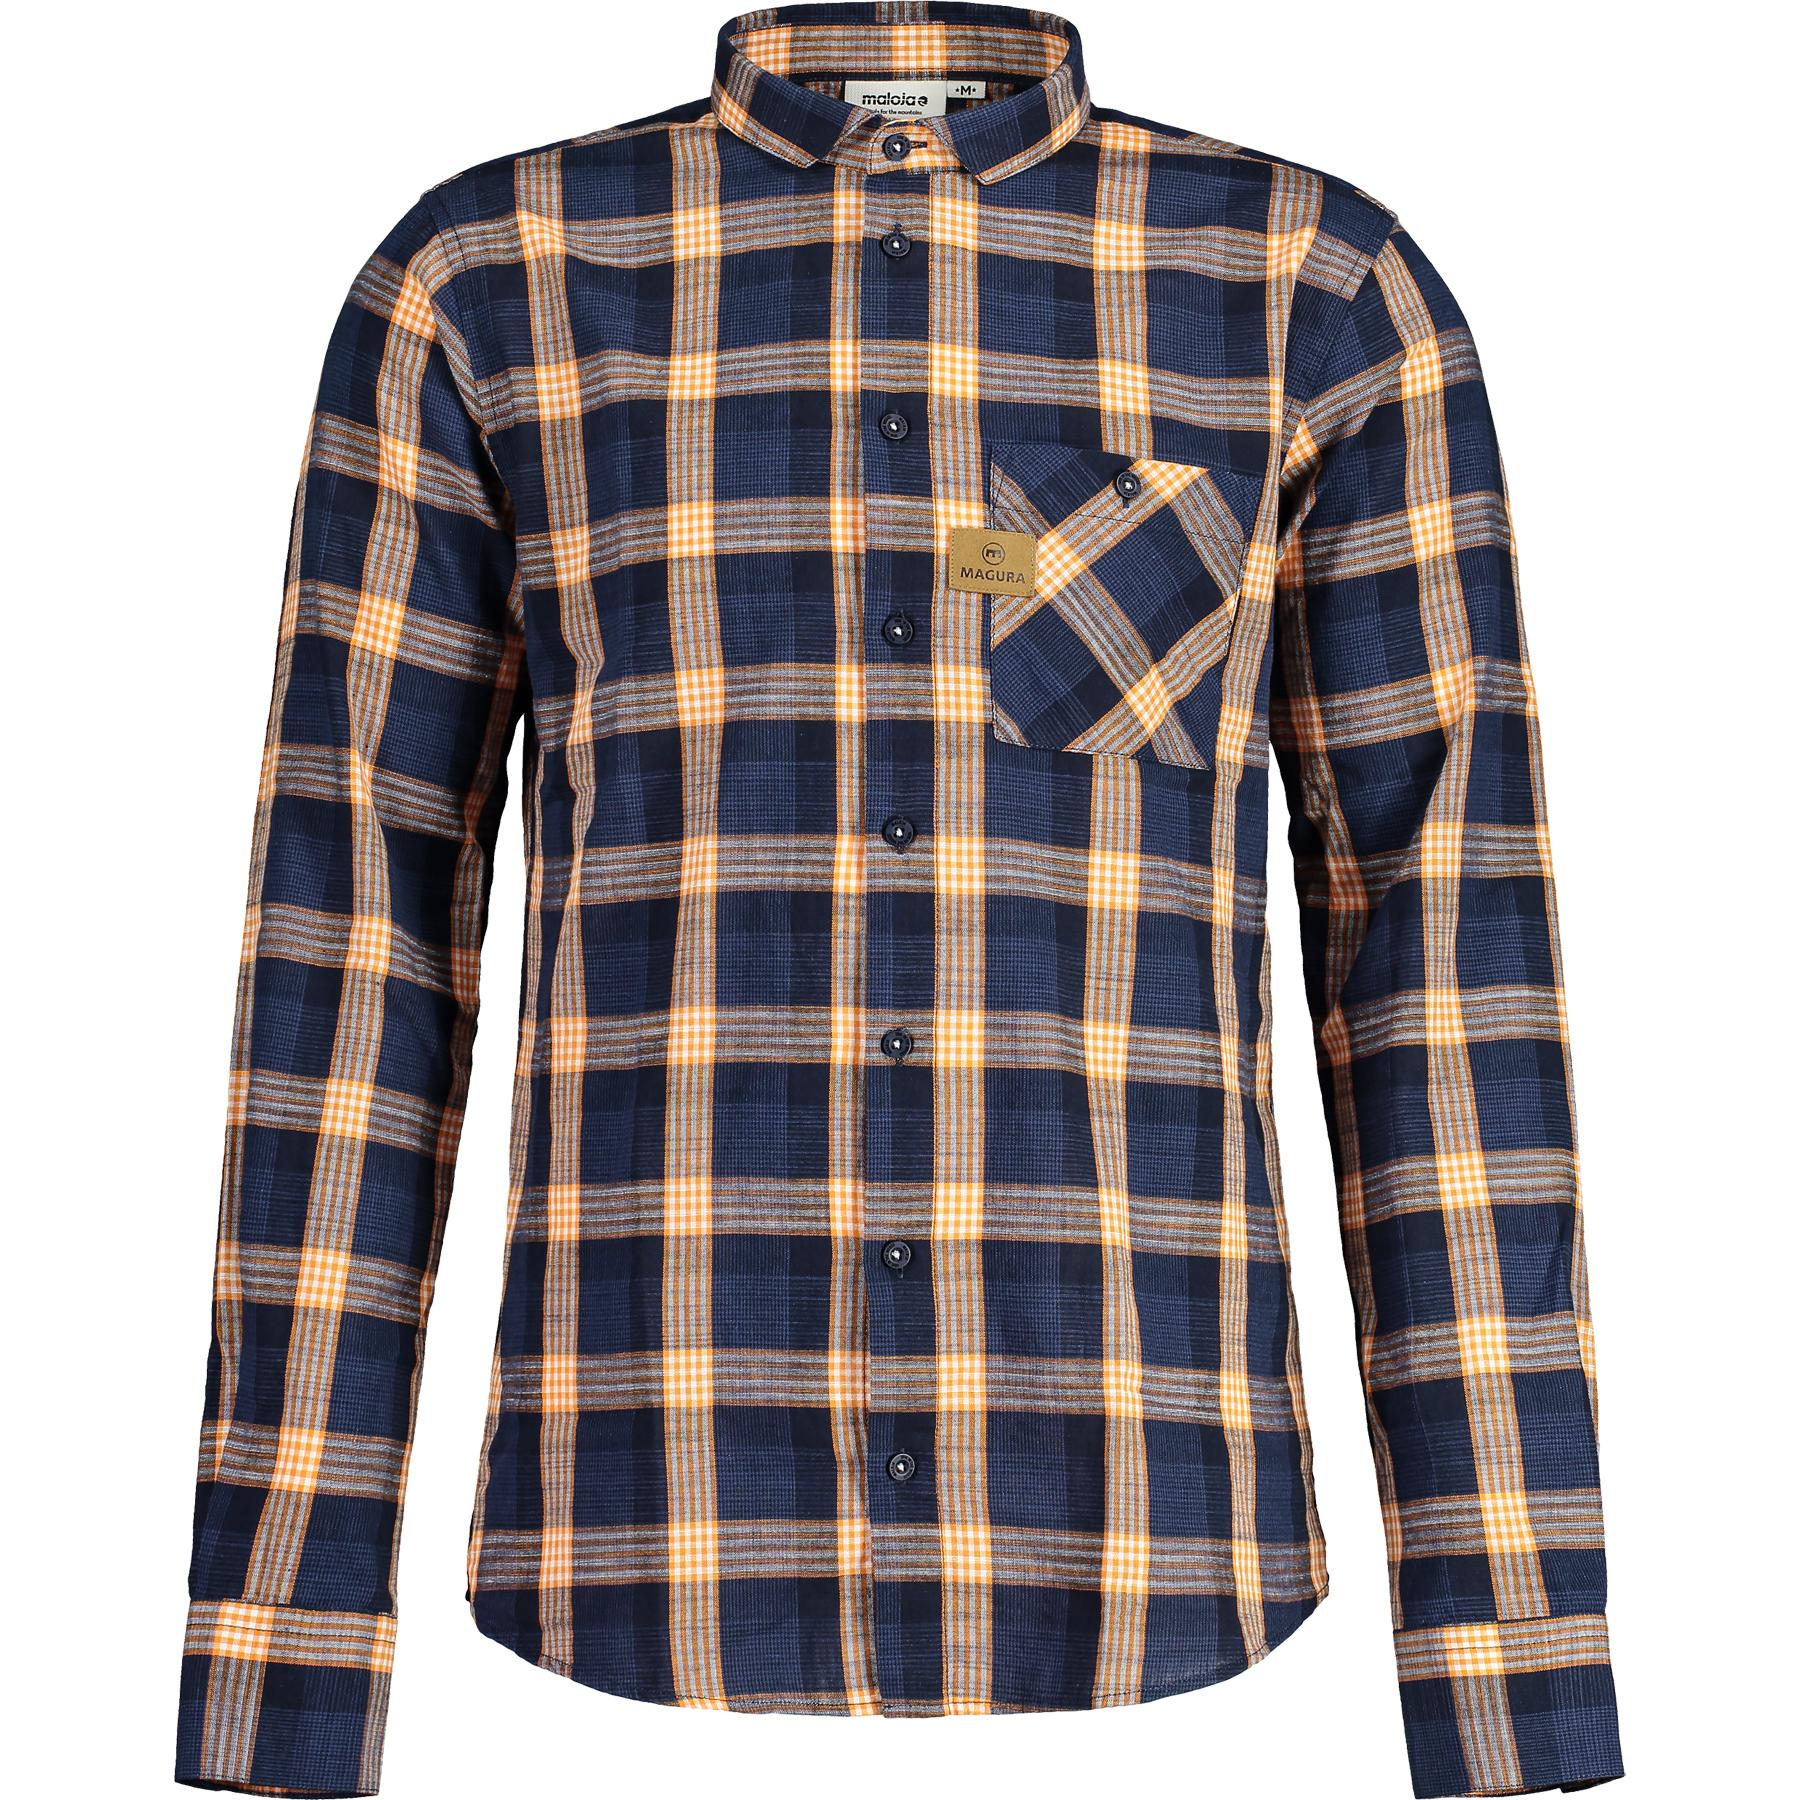 Foto de Magura Check Shirt de Maloja - Camisa de cuadros - azur/sésamo